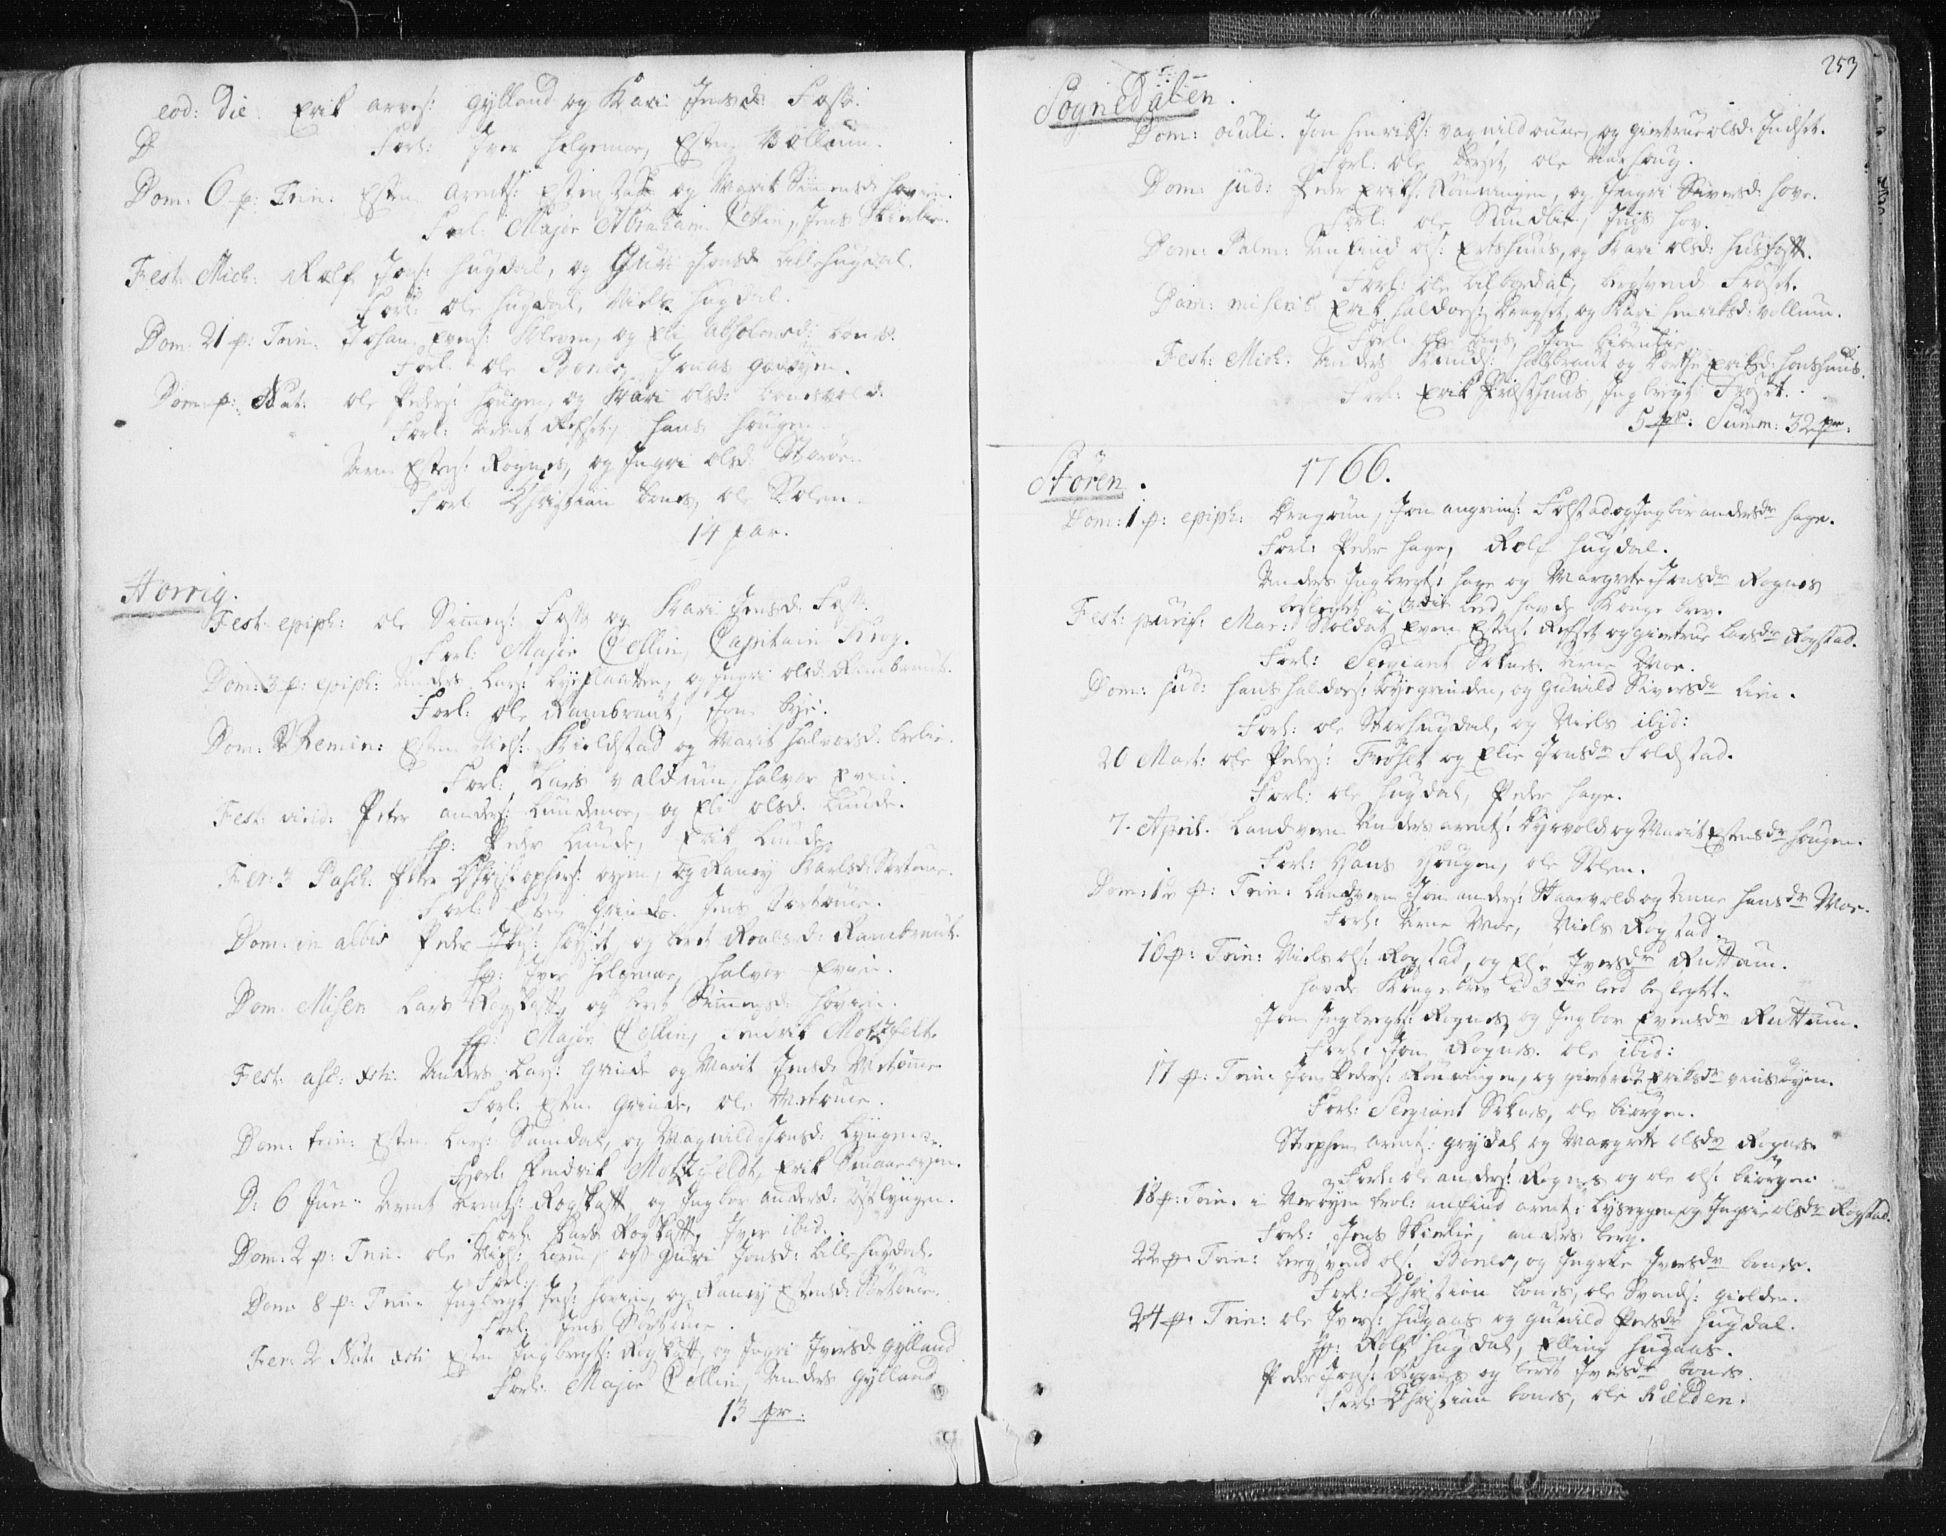 SAT, Ministerialprotokoller, klokkerbøker og fødselsregistre - Sør-Trøndelag, 687/L0991: Ministerialbok nr. 687A02, 1747-1790, s. 253